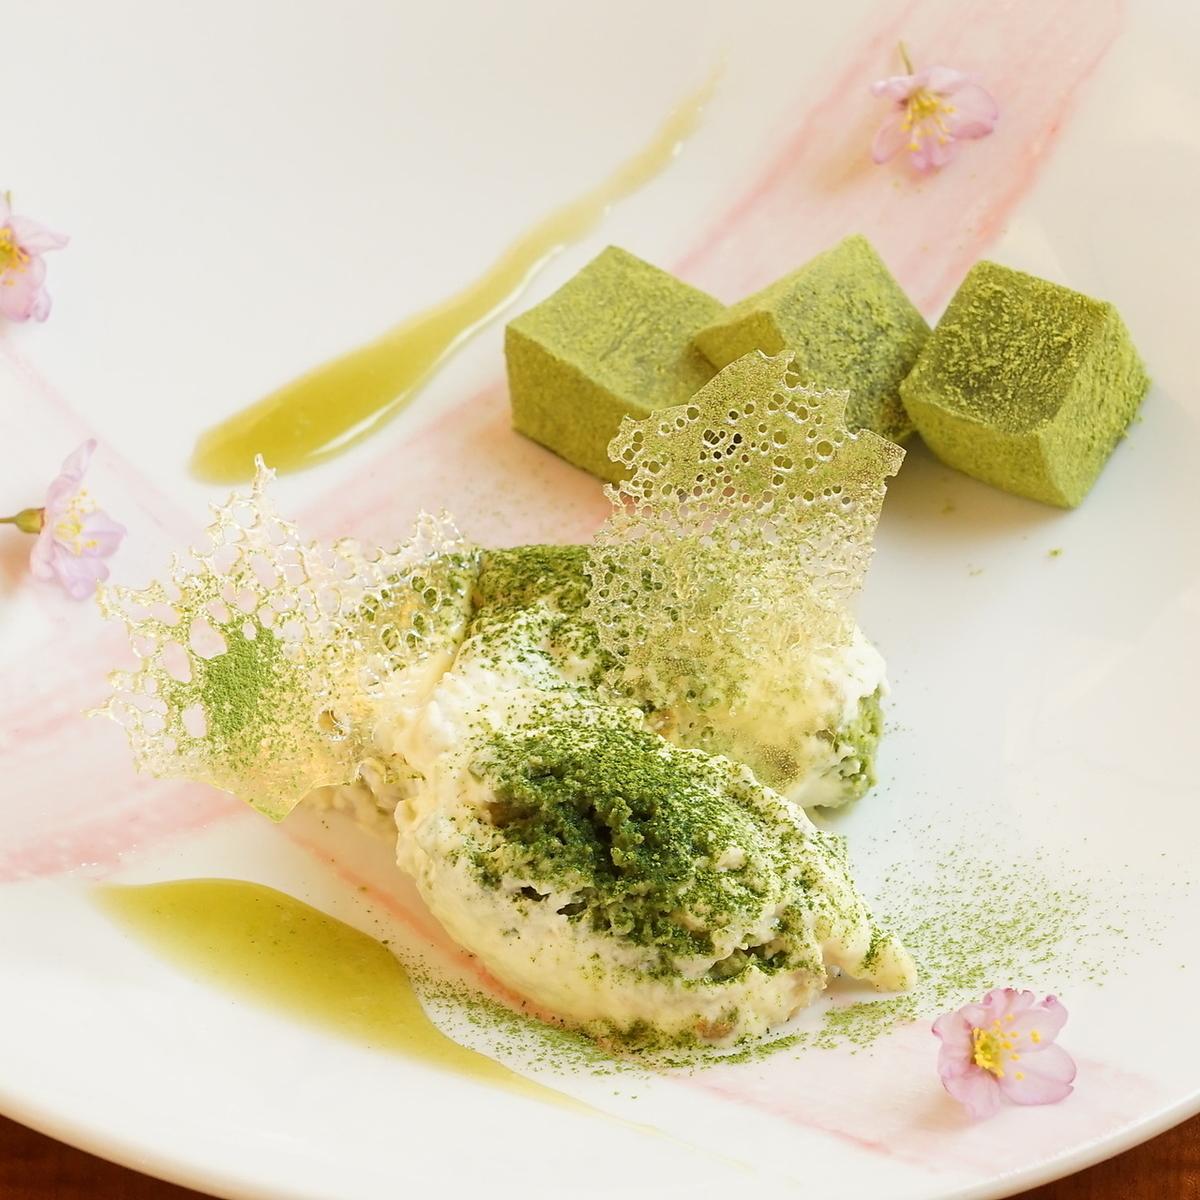 Ise Matcha的大豆提拉米苏与来自三重县的精心挑选的鸡蛋